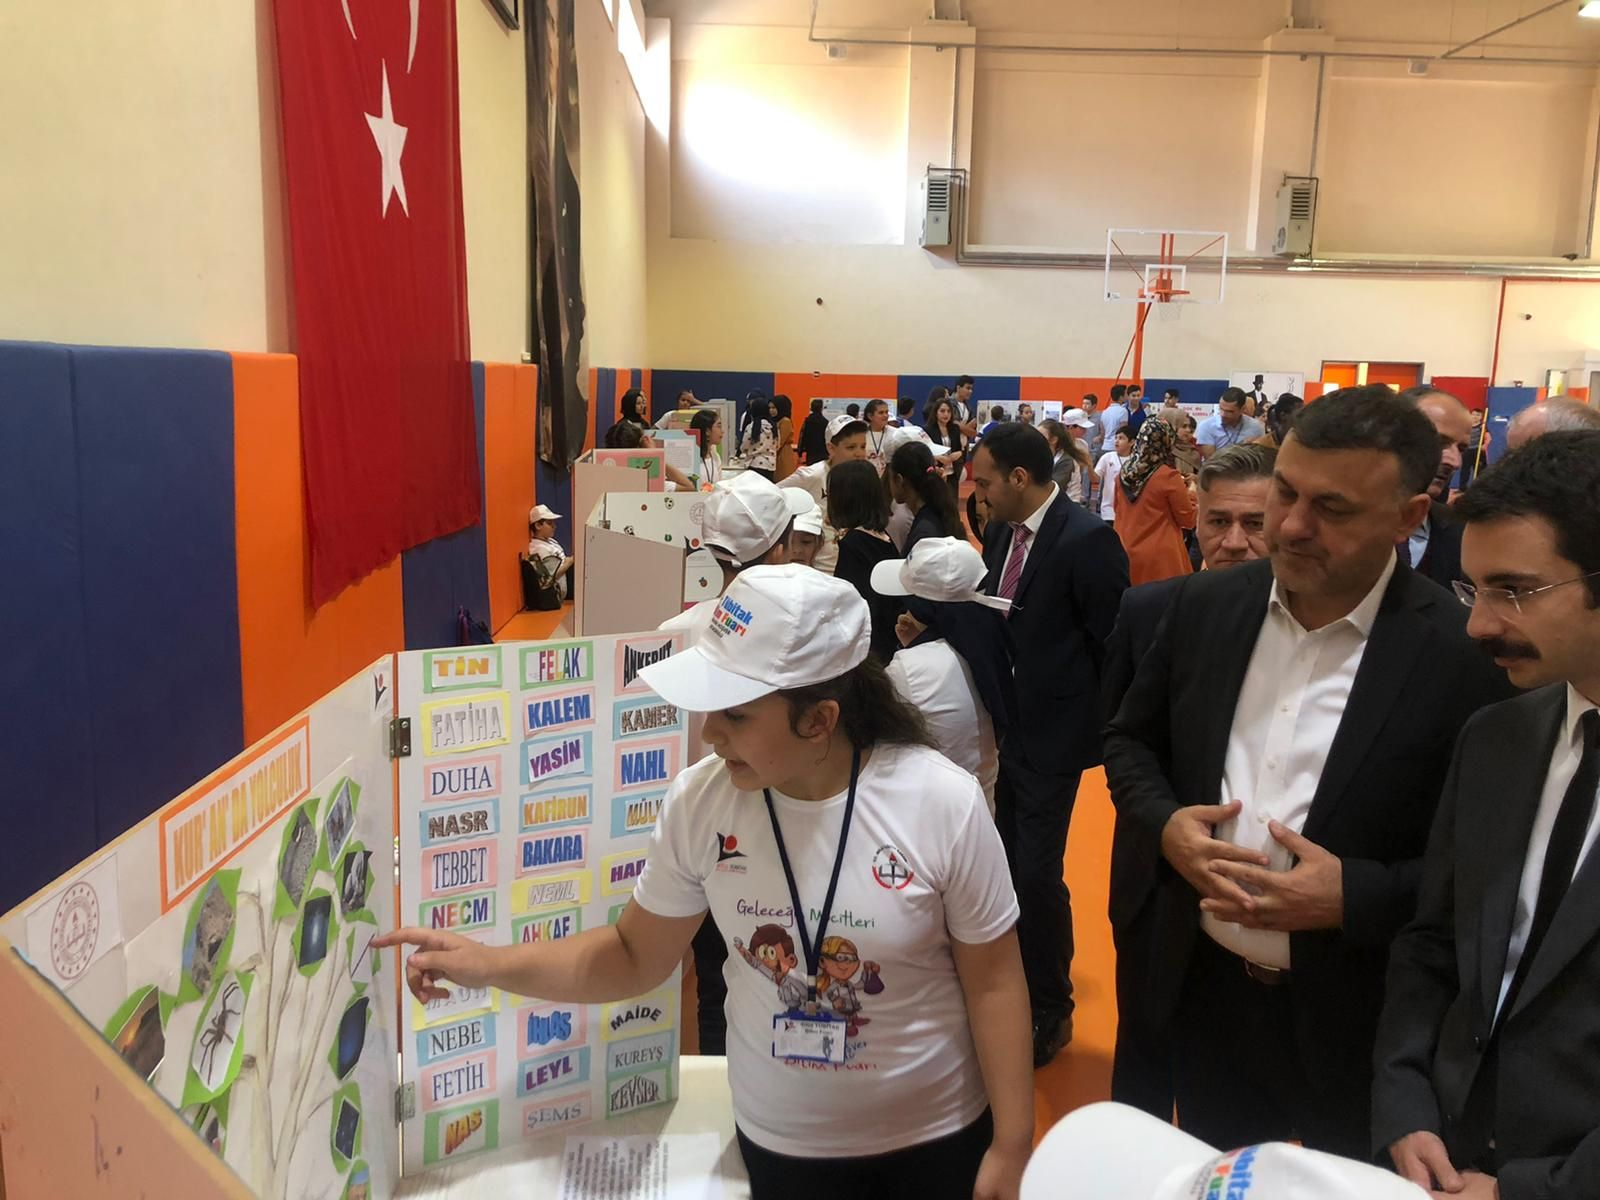 Başkan Yavuz Tubitak Bilim Fuarı Açılışını Gerçekleştirdi